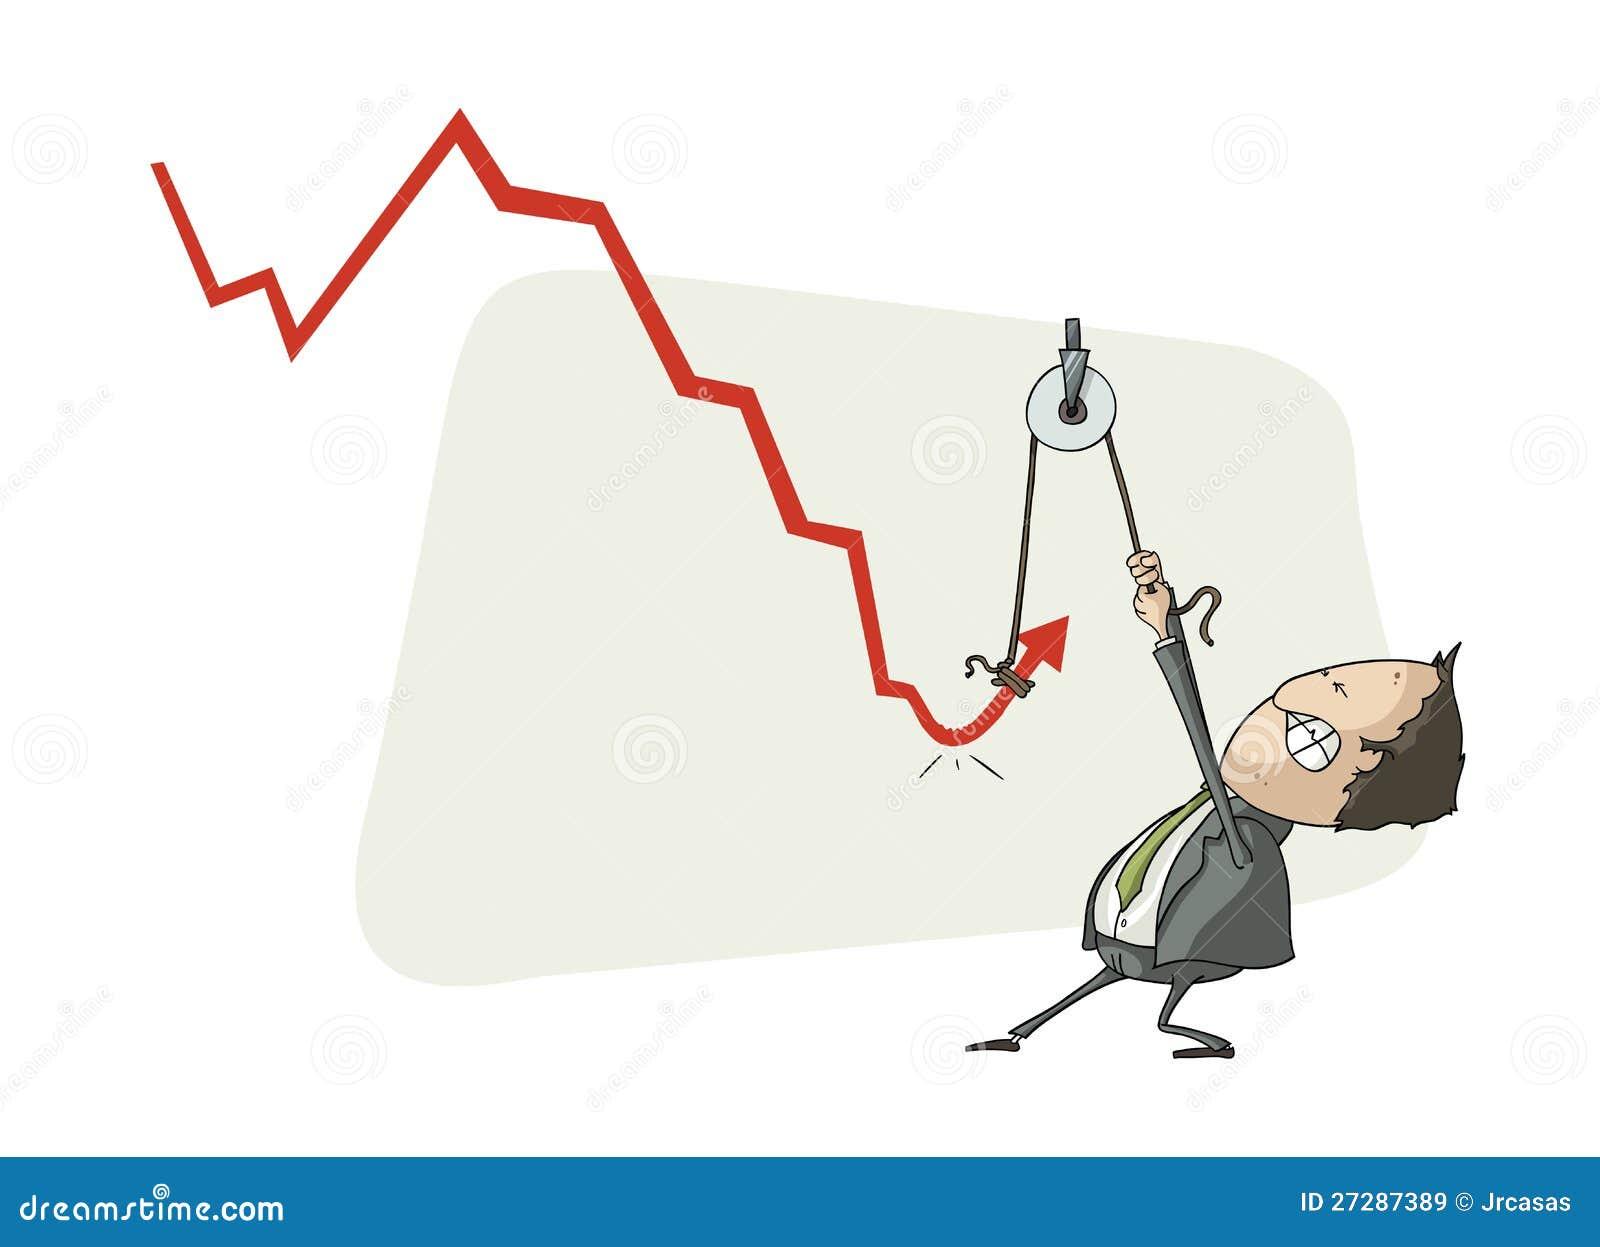 Accroissement économique de rebond